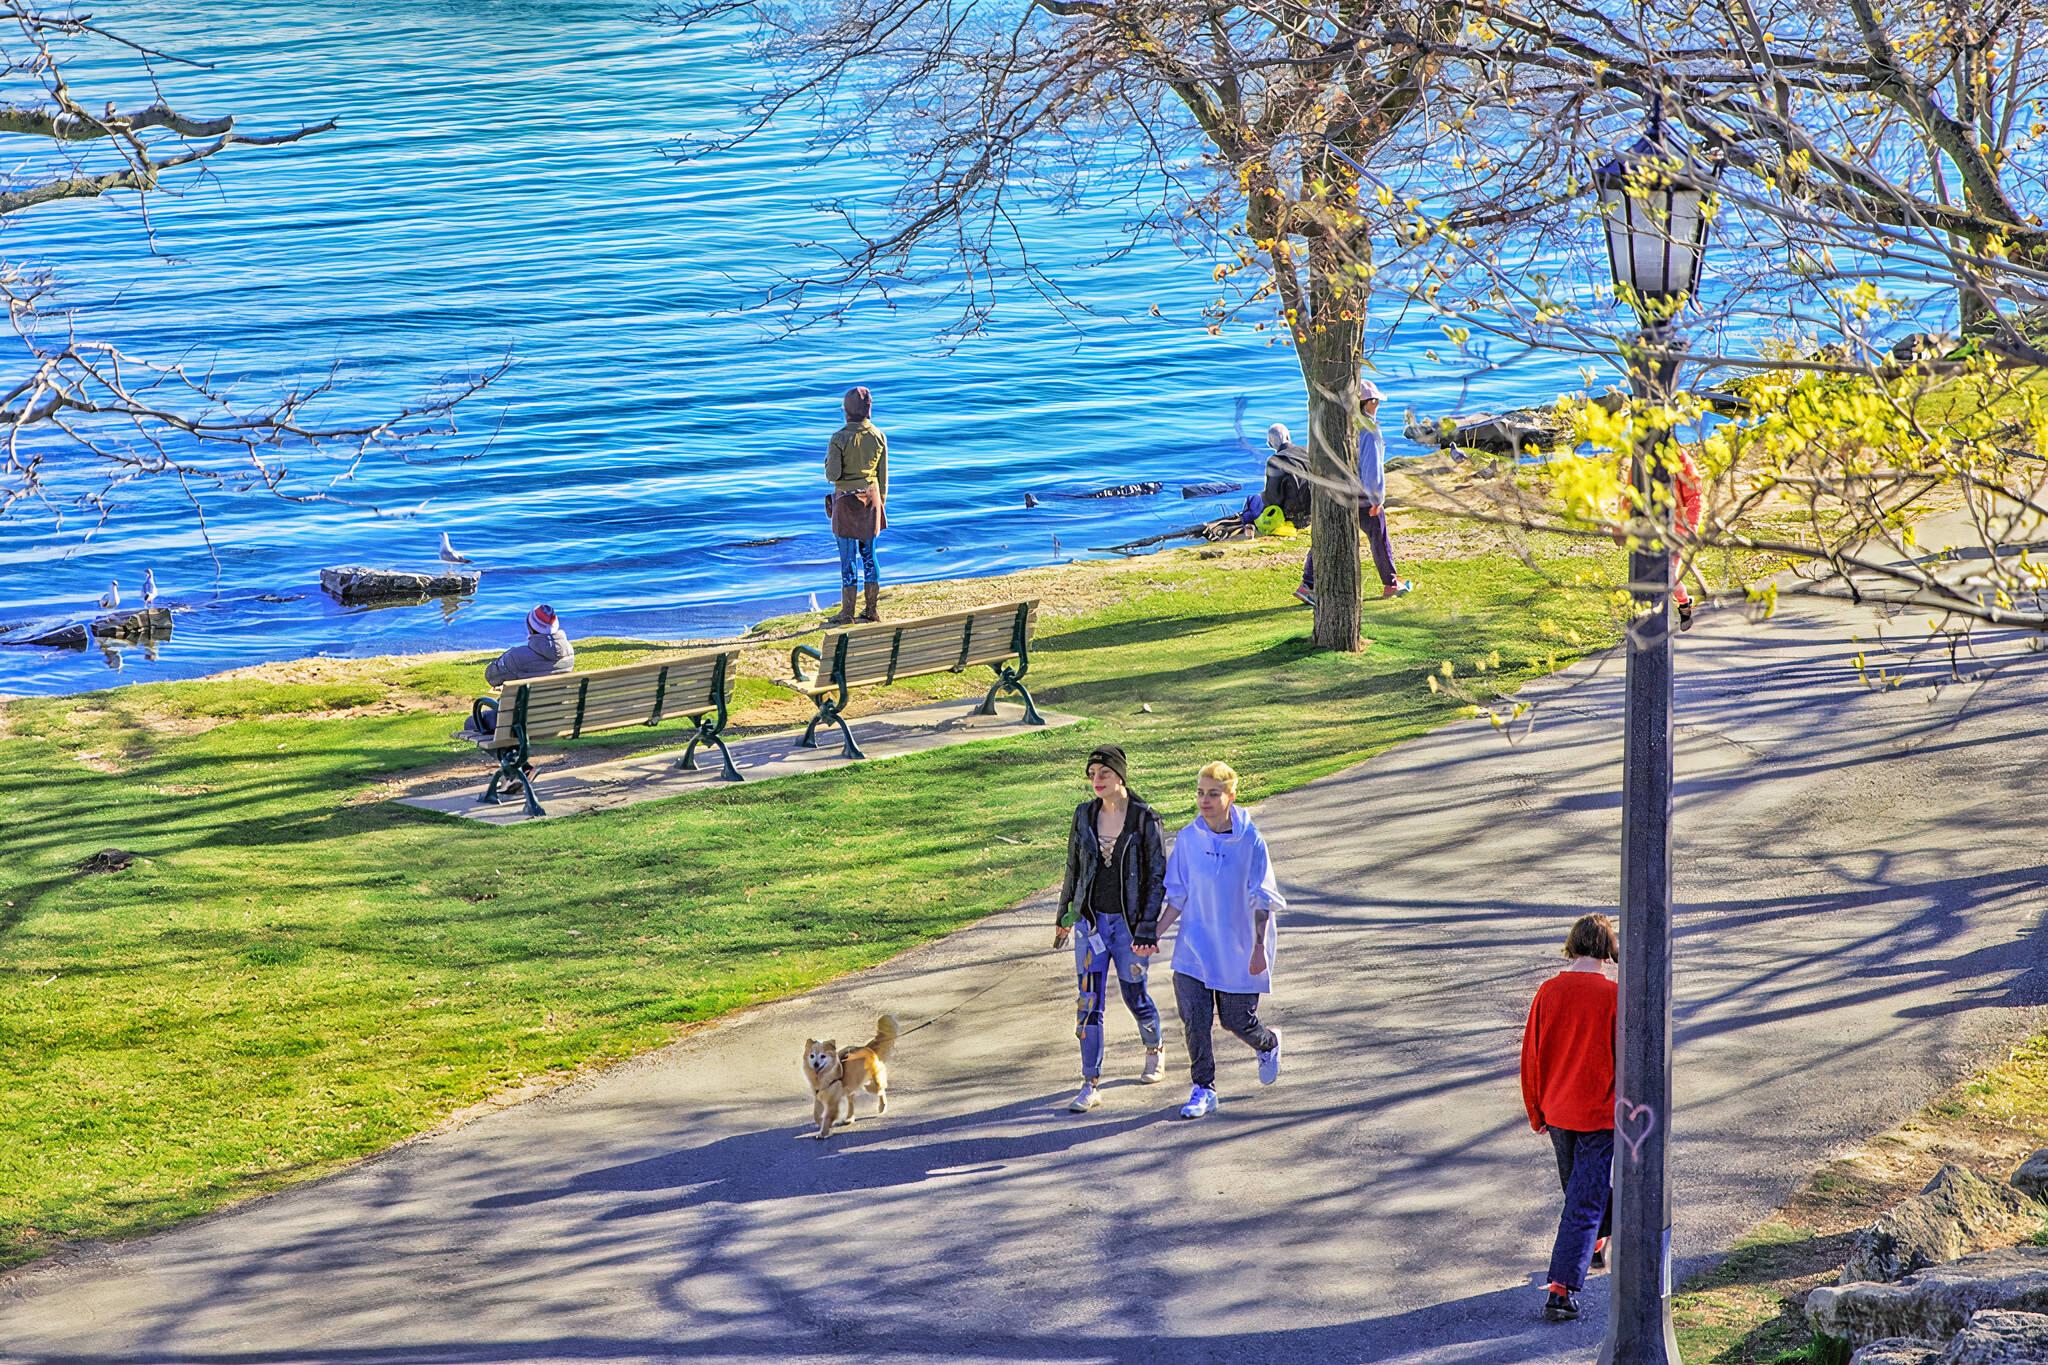 outdoor recreational amenities